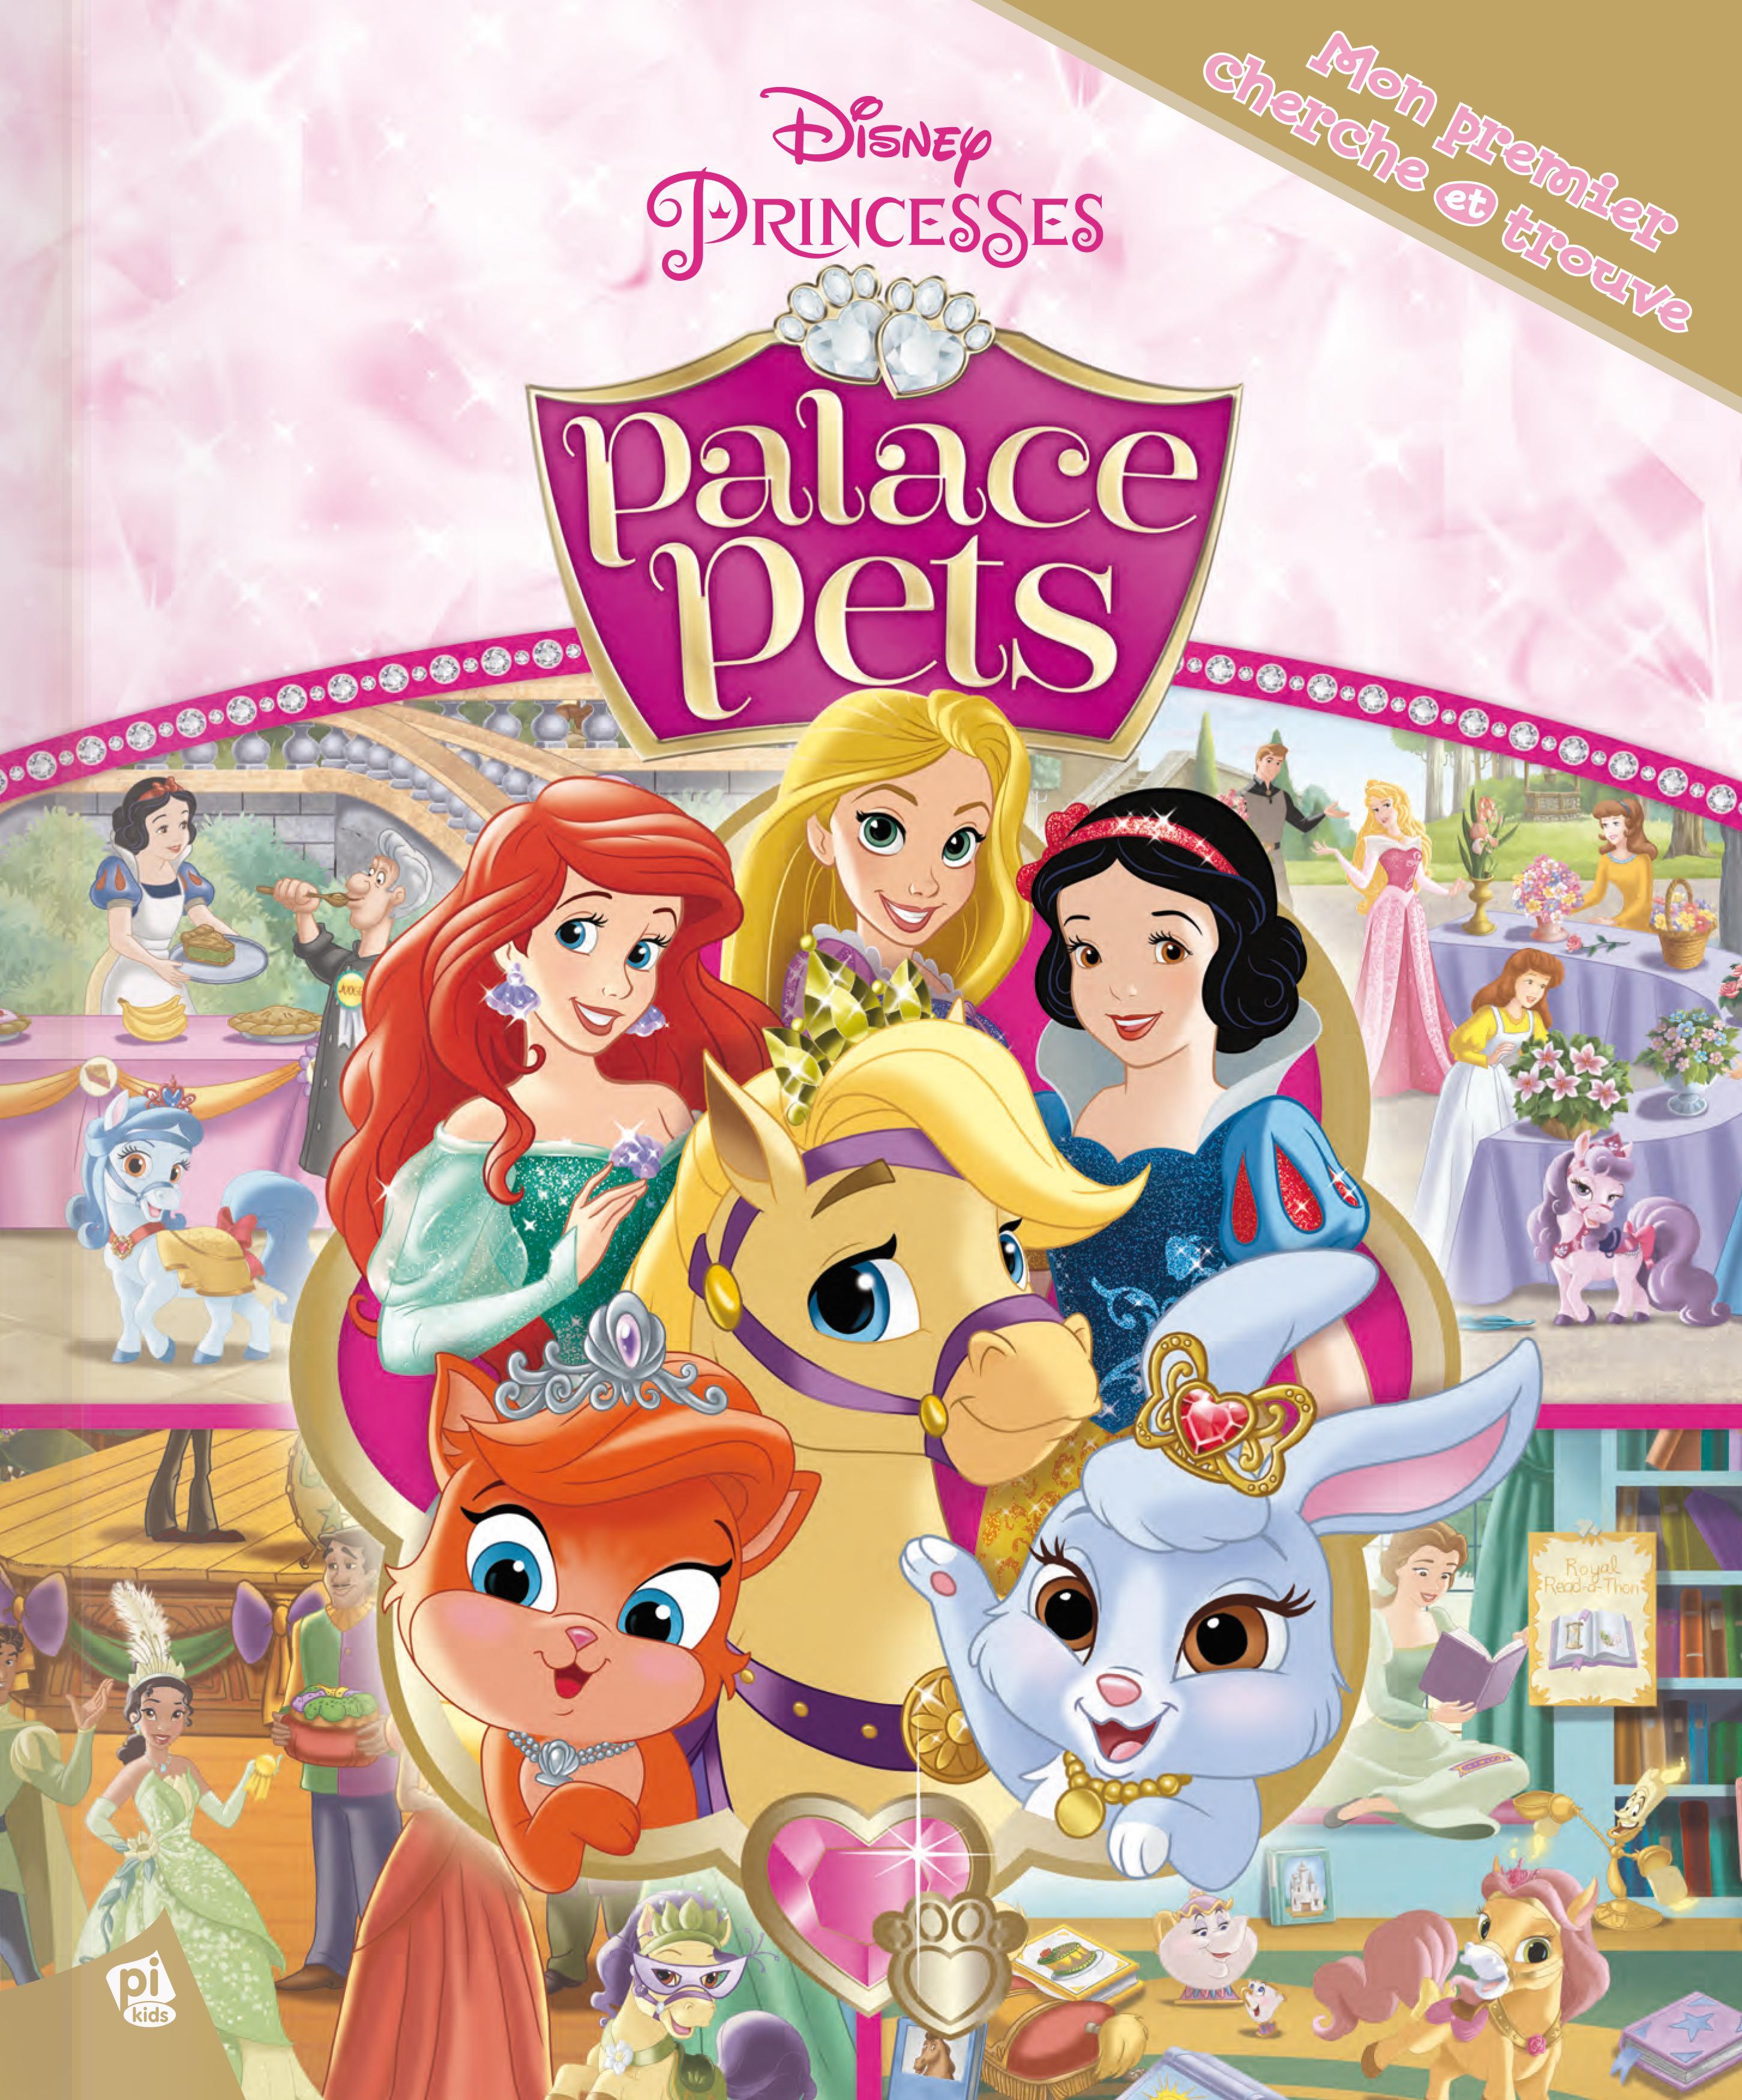 Mon Premier Cherche Et Trouve Disney Princesses Palace